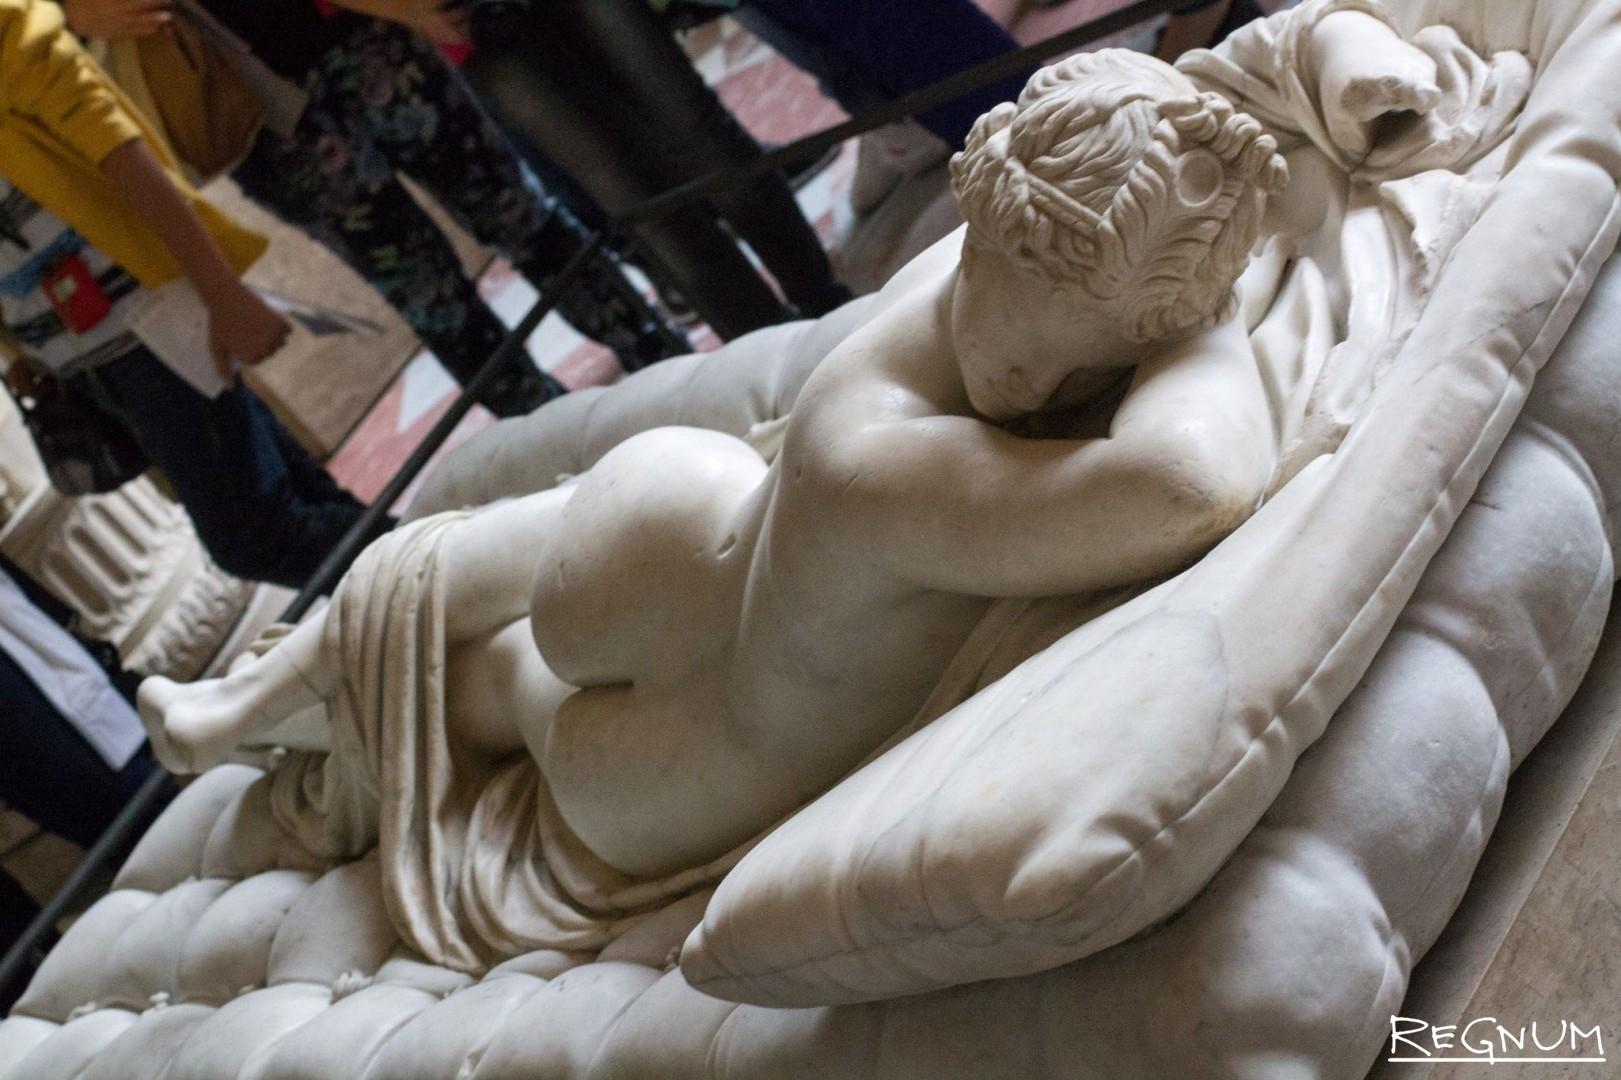 Скульптура гермафродит долго